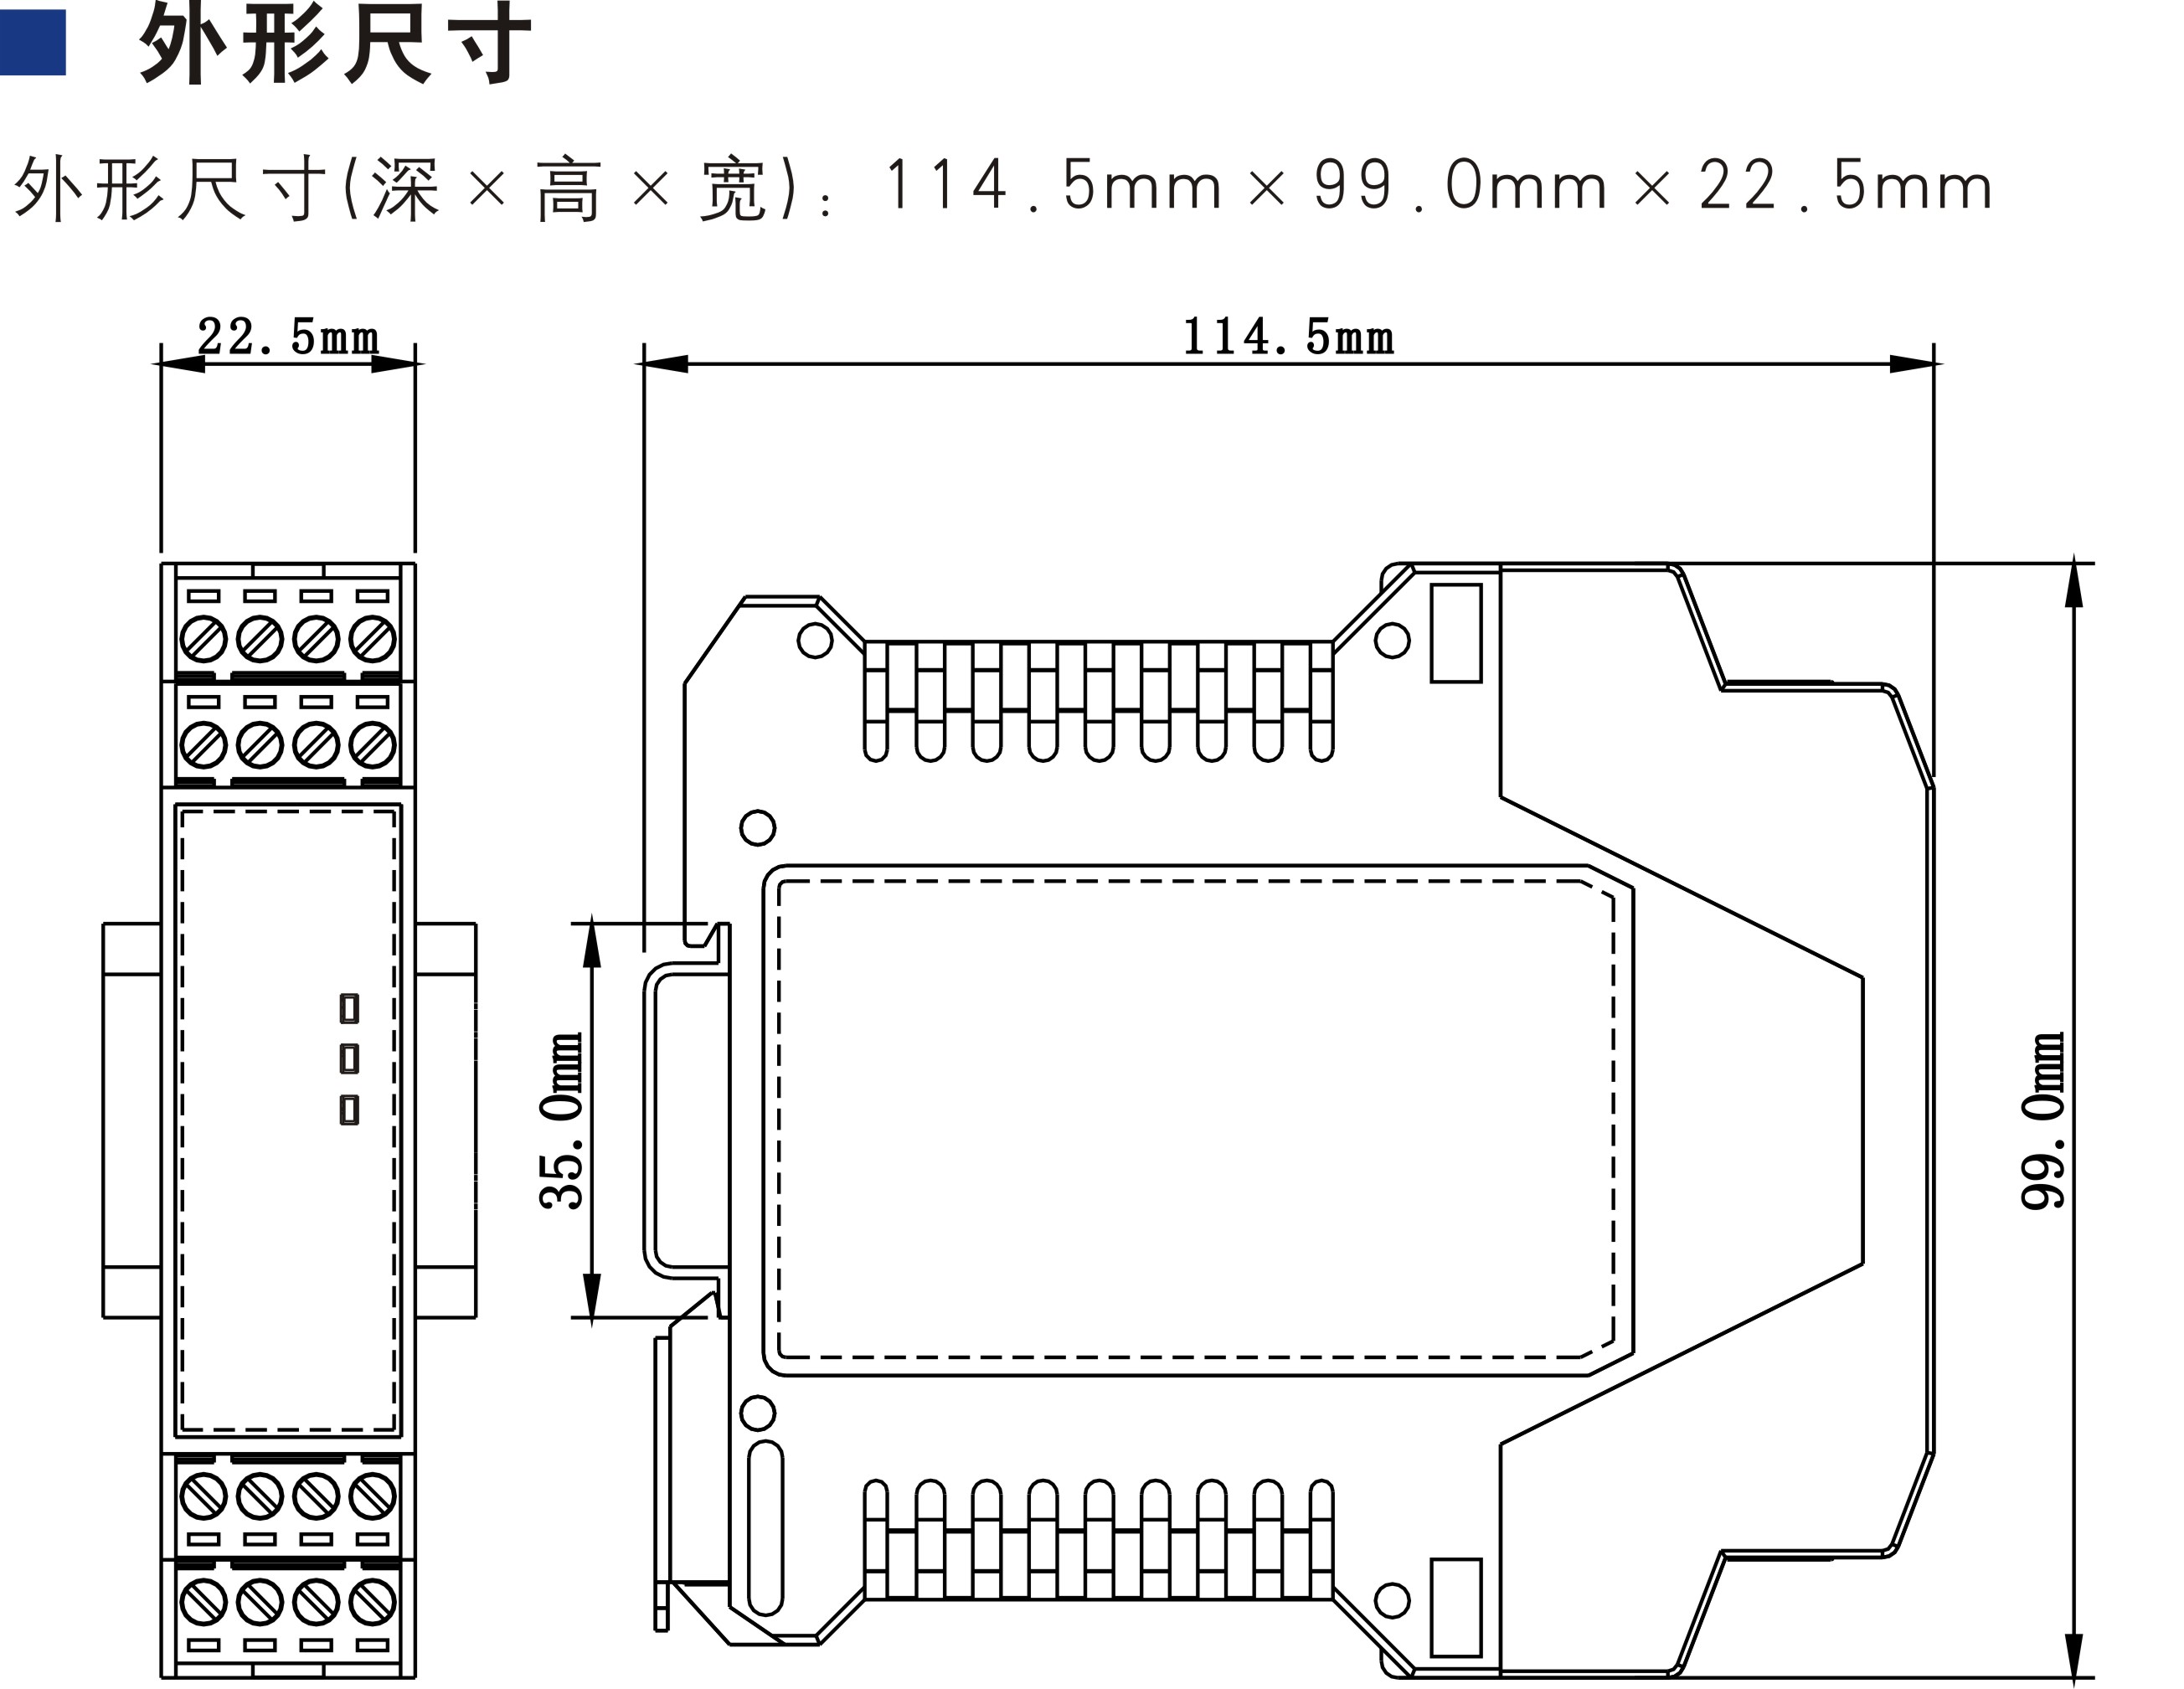 开关型安全设备输入 (四线制安全地毯 24V DC/AC 3NO+1NC 自动/手动复位)